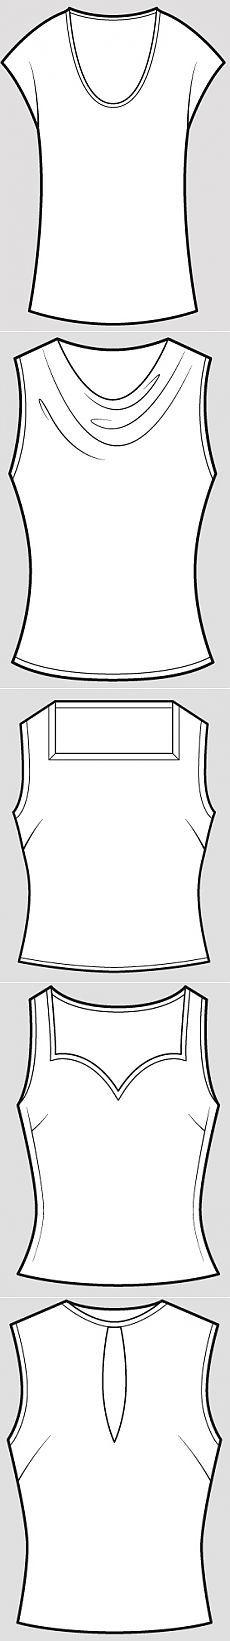 Конструктивные элементы одежды: часть 1: Вырез горловины - «Ретро стиль, мода и шитье»